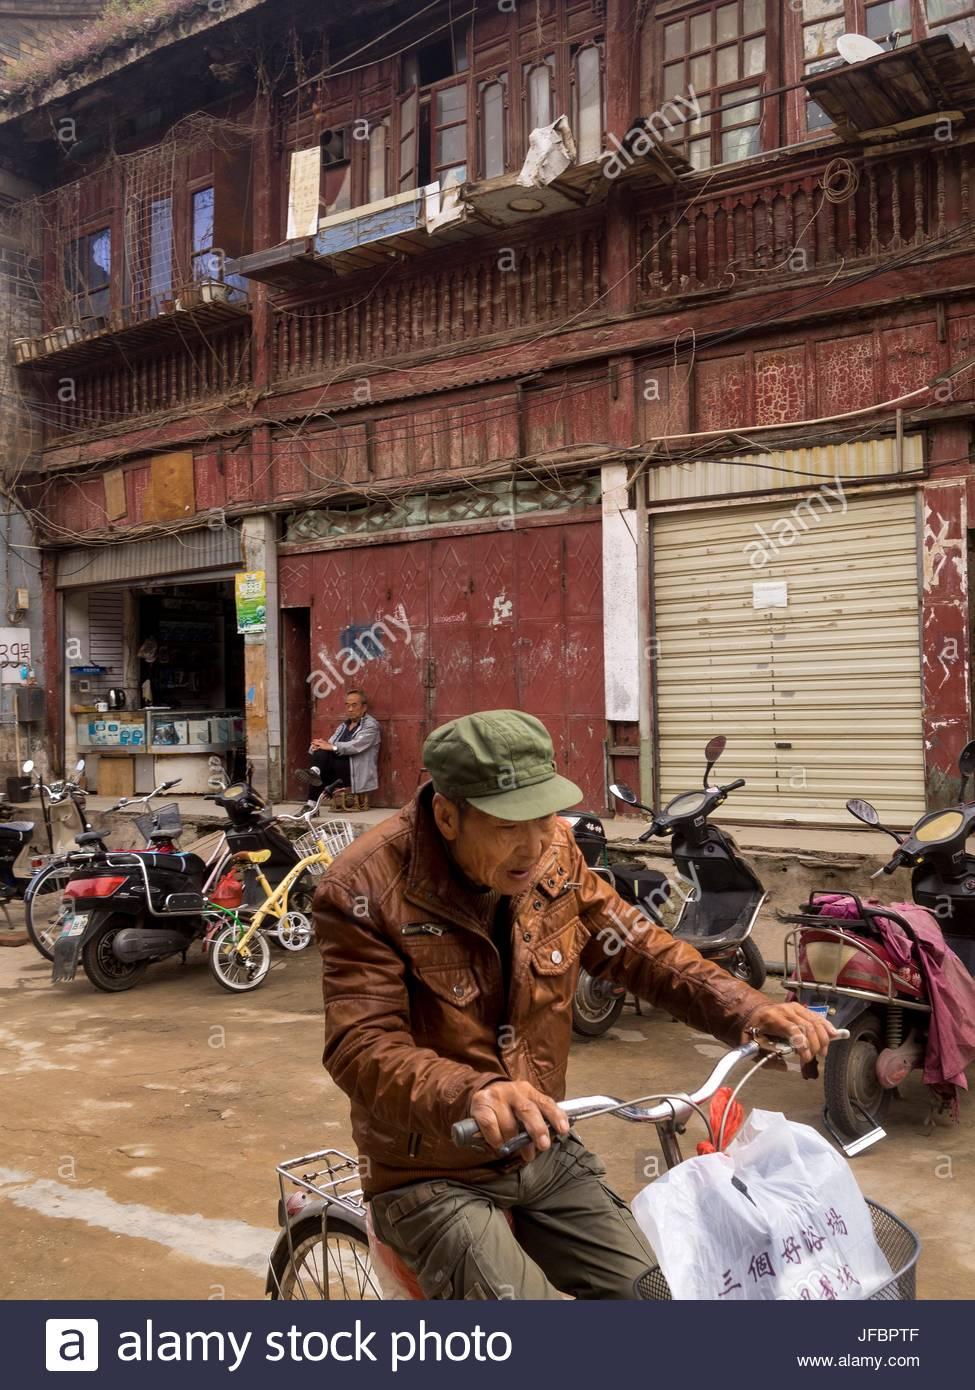 Un homme vieux bâtiments délabrés cycles passé sur Street Guanghua. Photo Stock